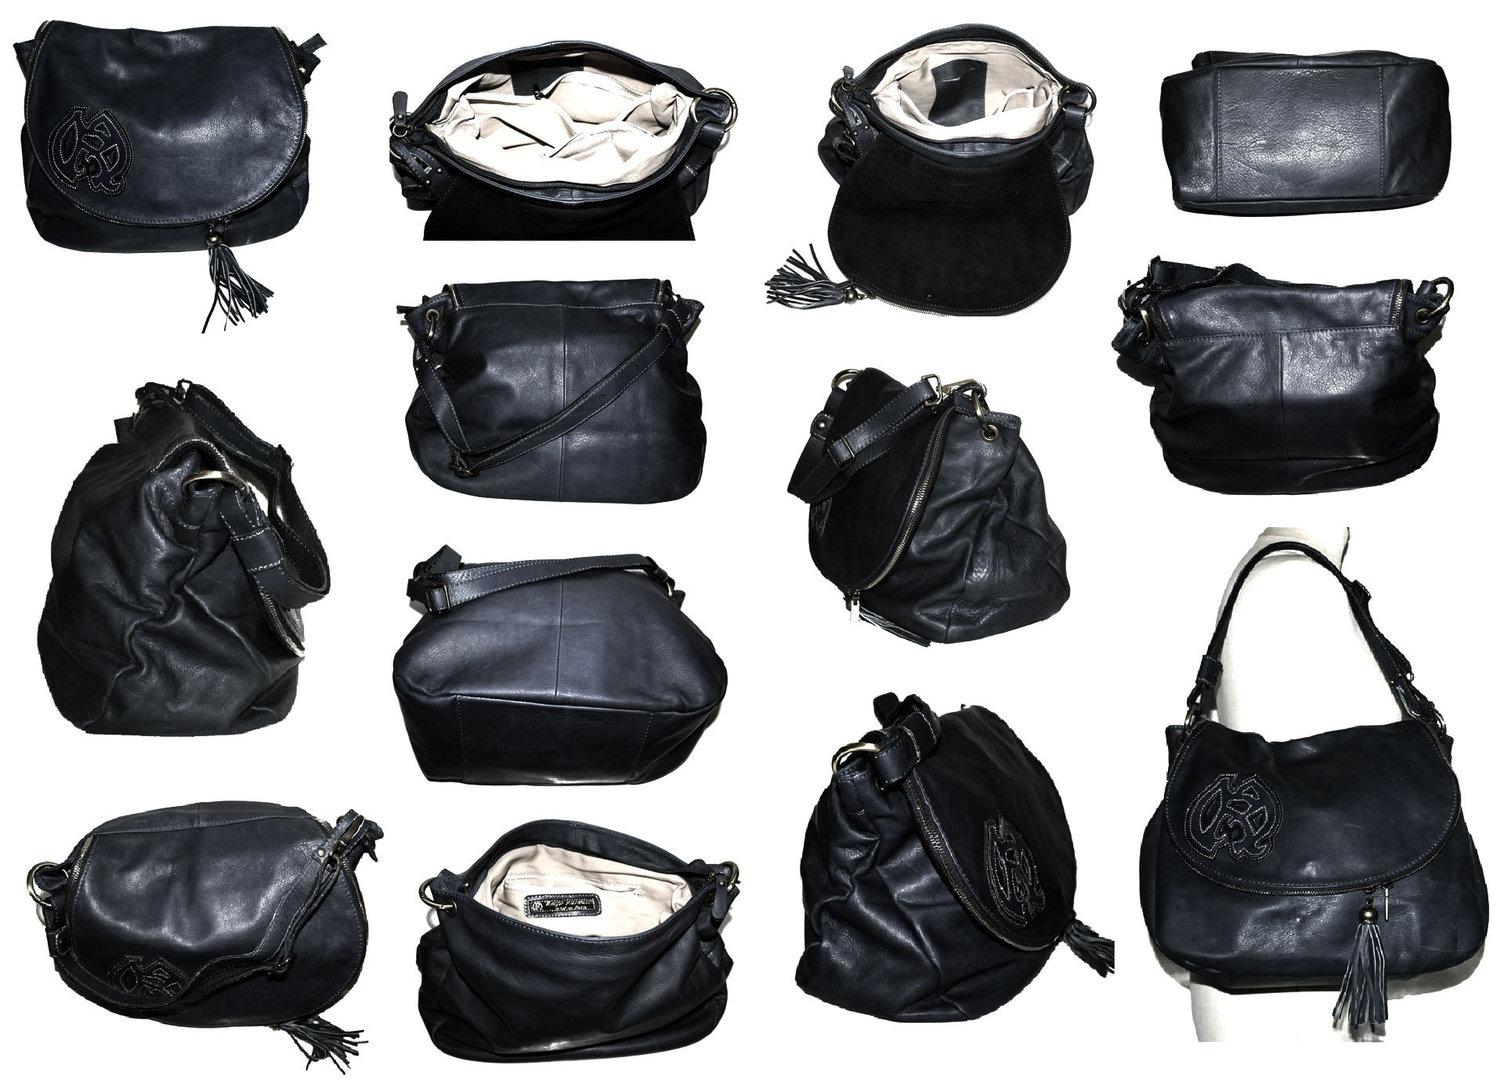 sac main petit mod le taille s 31 x 25 cm besace en cuir. Black Bedroom Furniture Sets. Home Design Ideas